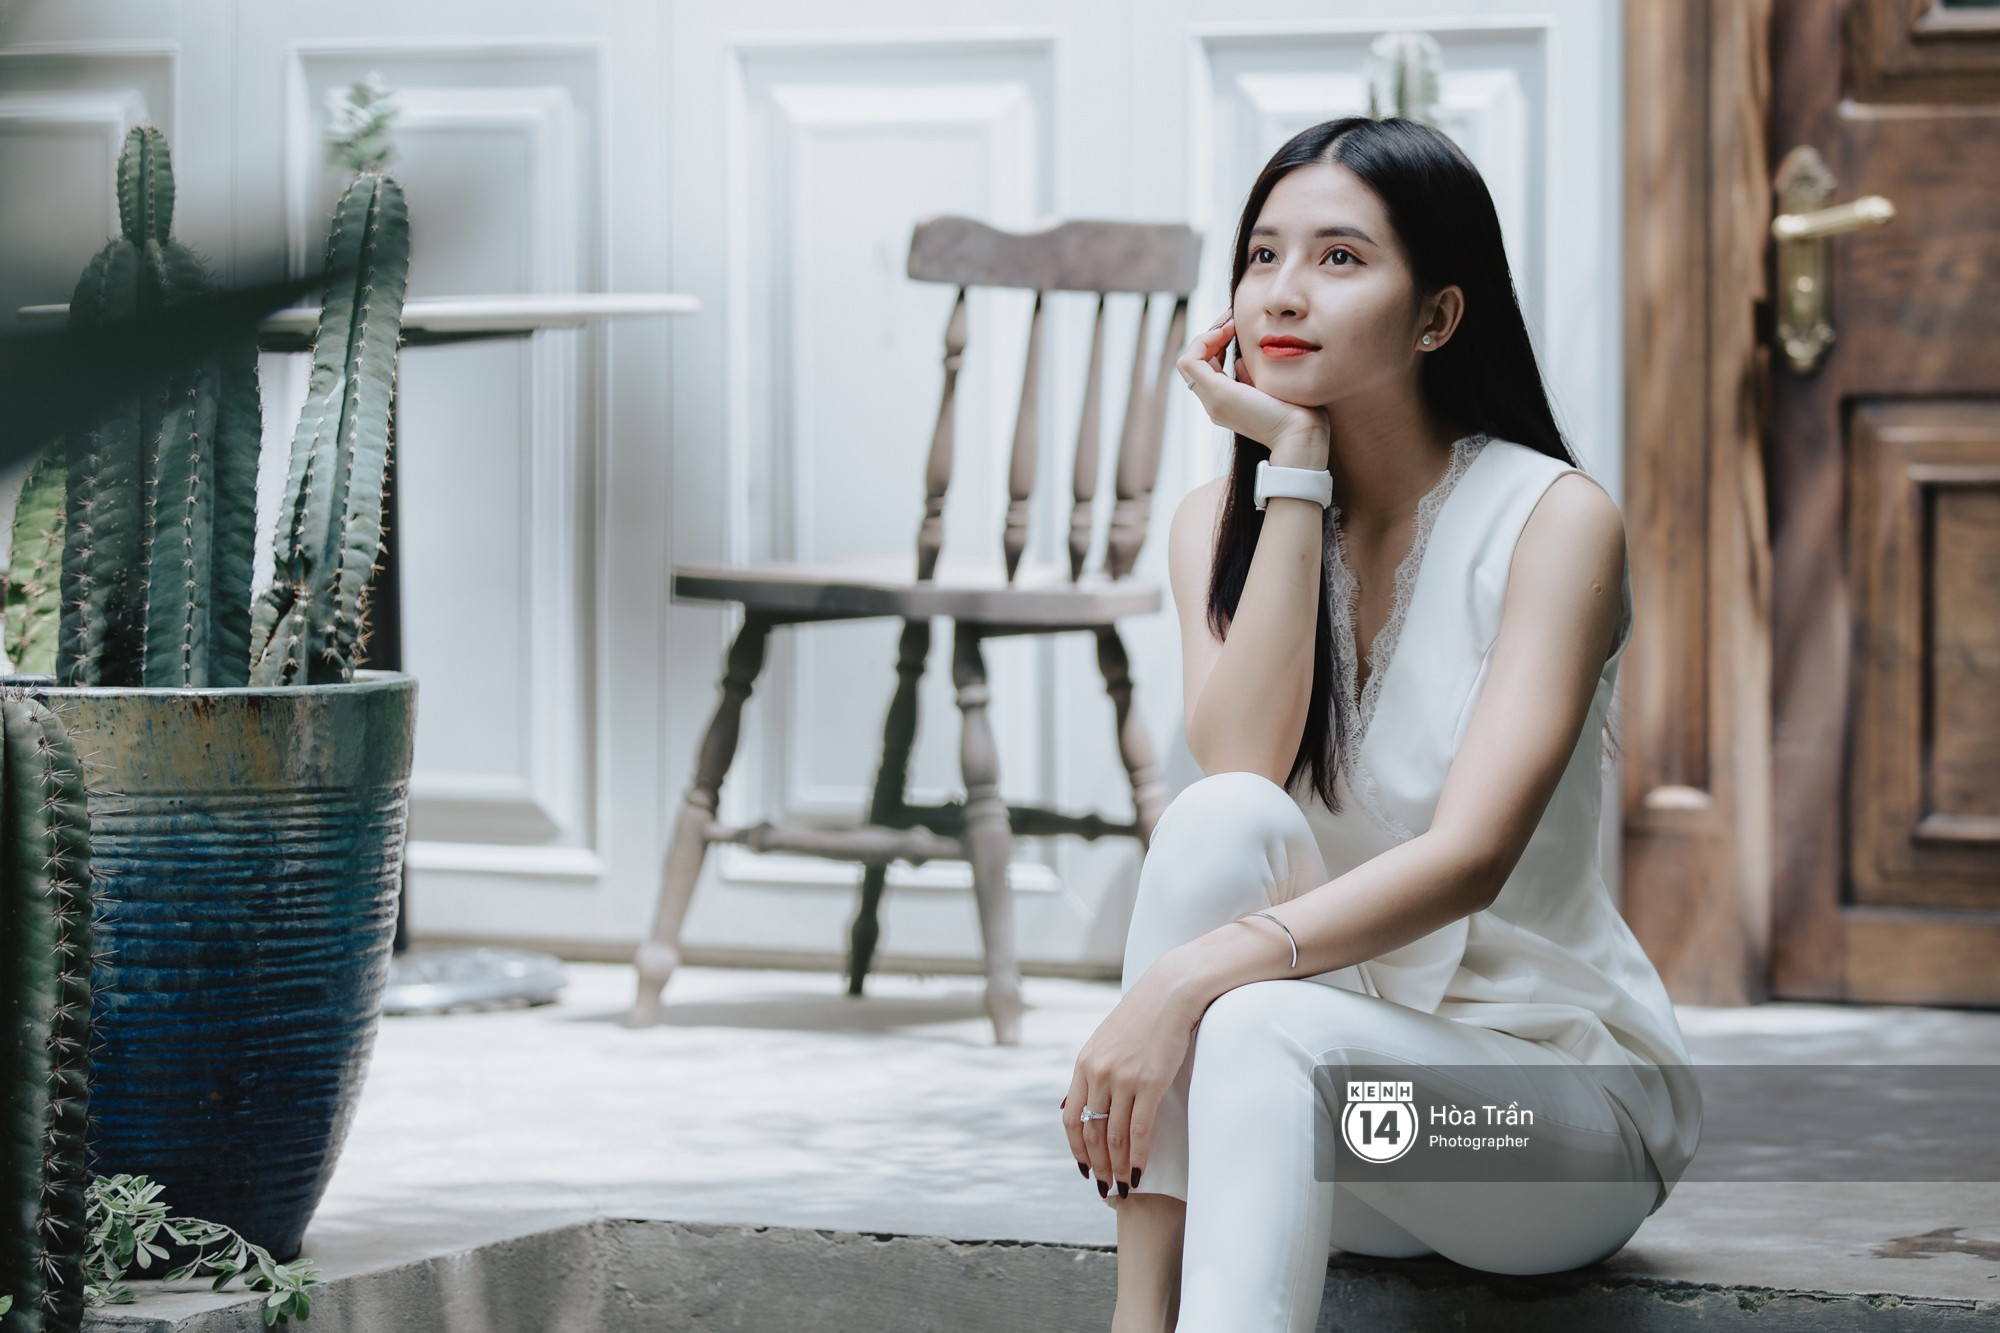 Thiên An - Nữ chính MV Sóng Gió: Lớp 9 làm nhân viên lượm xu khu vui chơi, 21 tuổi kiếm thu nhập khủng nuôi cả gia đình - Ảnh 3.